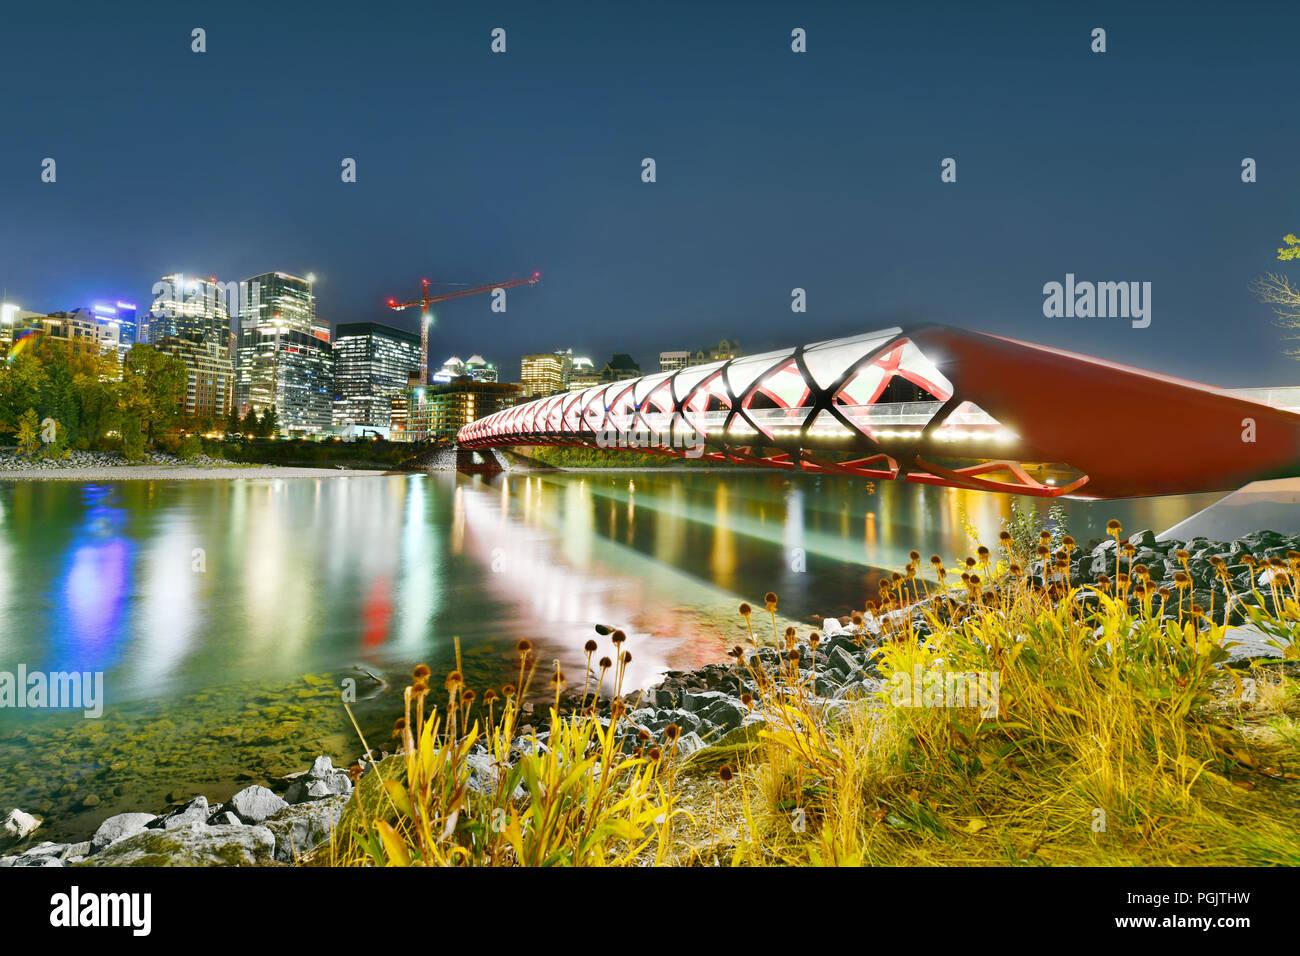 Ponte di pace con il Fiume Bow e parte del centro cittadino di Calgary in Alberta Canada di notte Immagini Stock